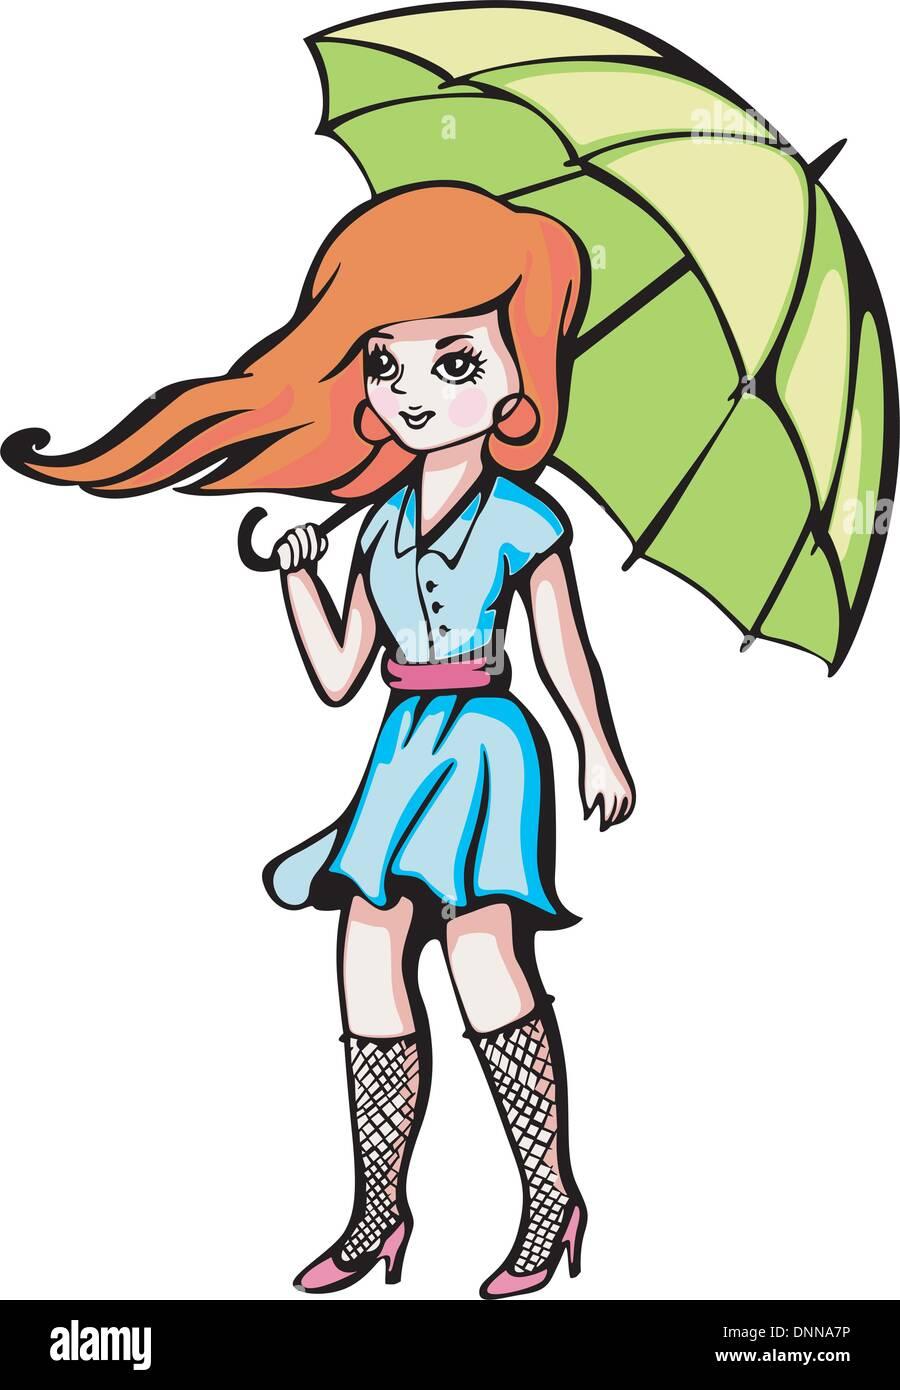 Ragazza giovane con ombrello. Colore illustrazione vettoriale. Immagini Stock